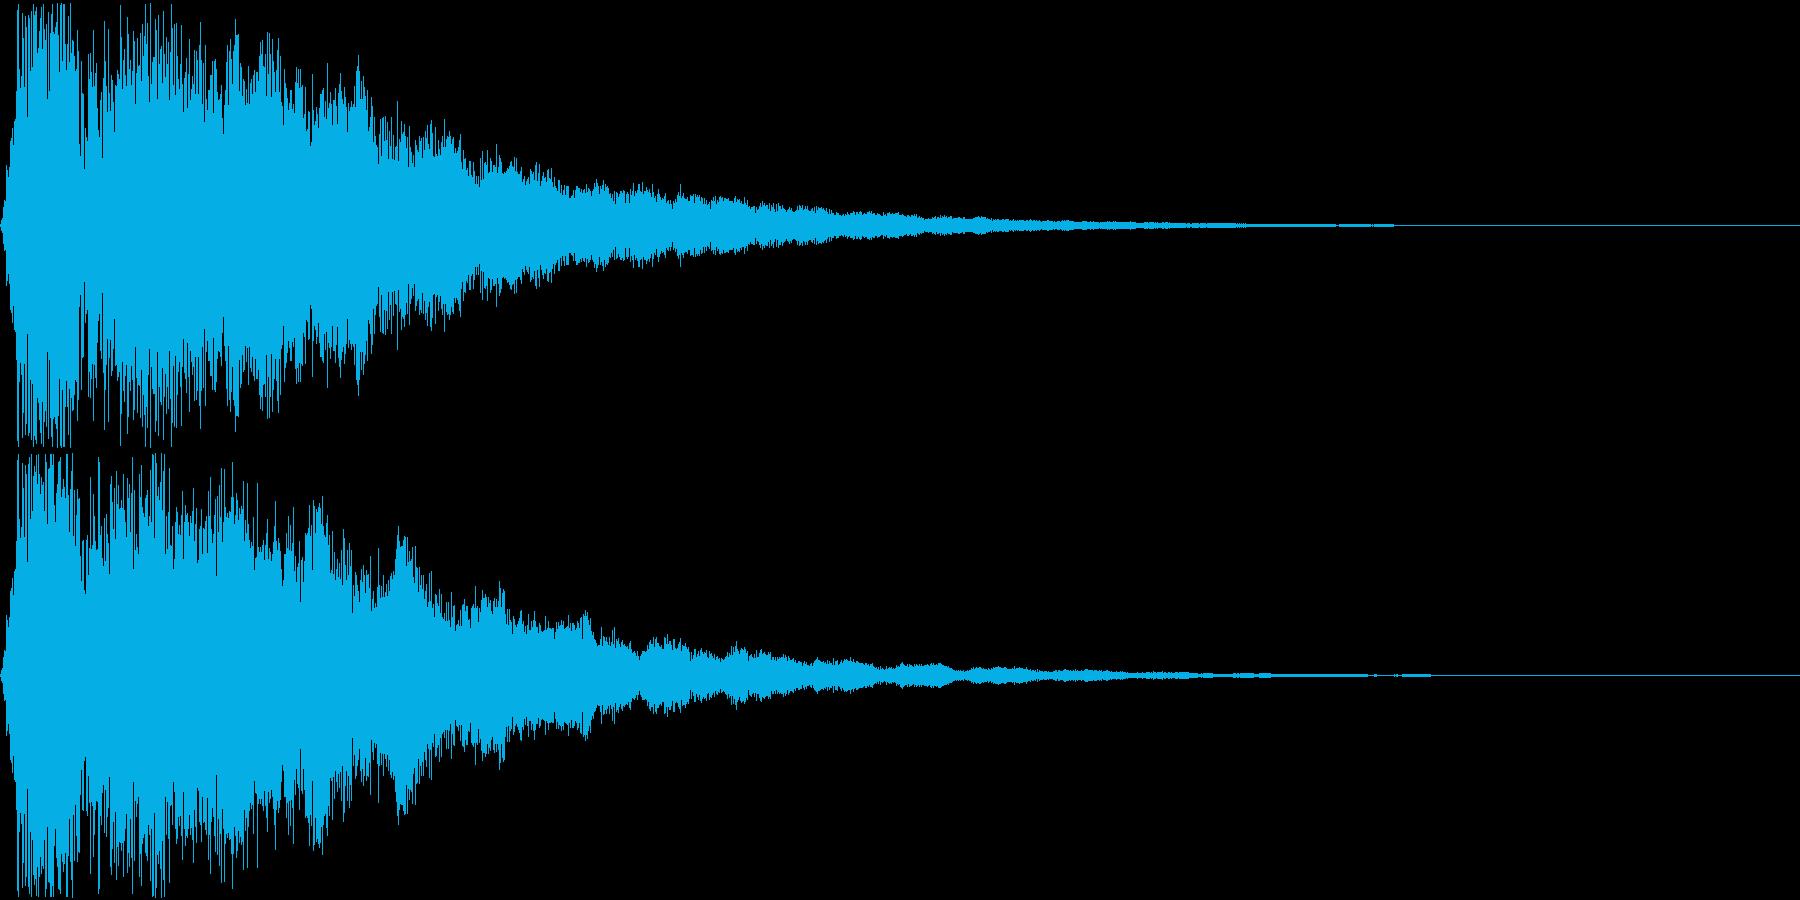 キュイン ギュイーン シャキーン 01の再生済みの波形